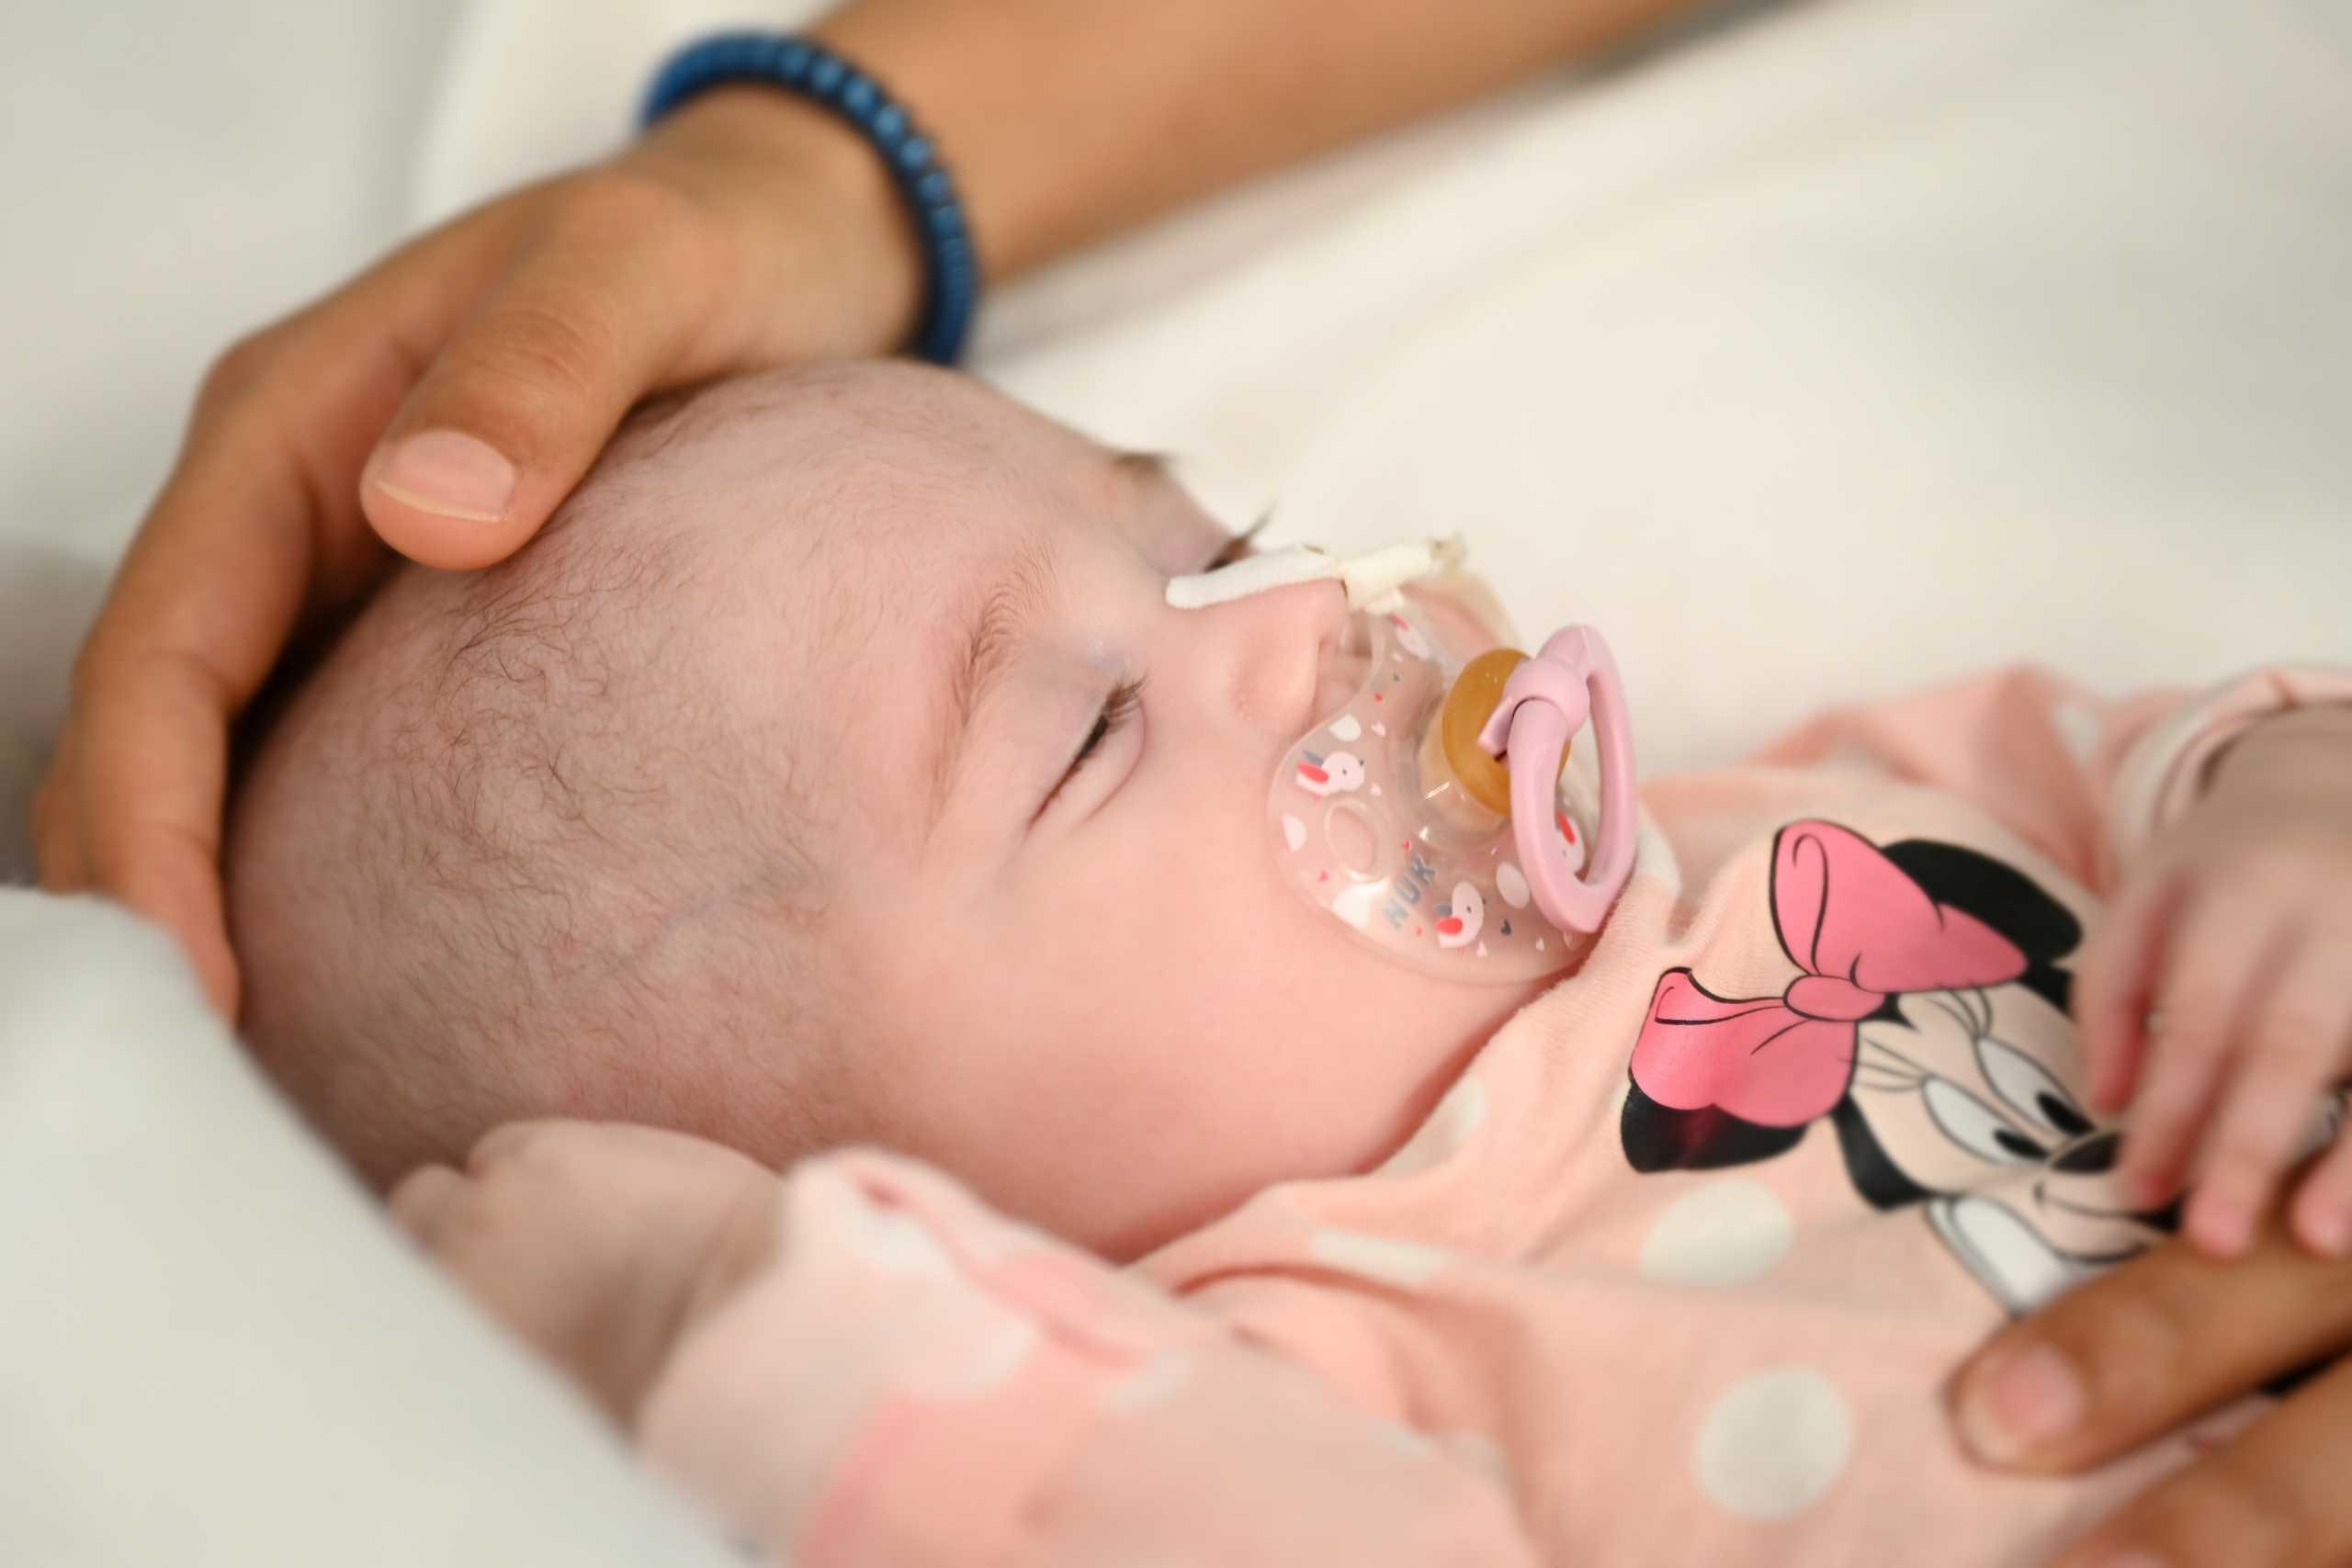 Κοριτσάκι 2 μηνών σώθηκε χάρη σε μια πρωτοποριακή μεταμόσχευση καρδιάς (pics)